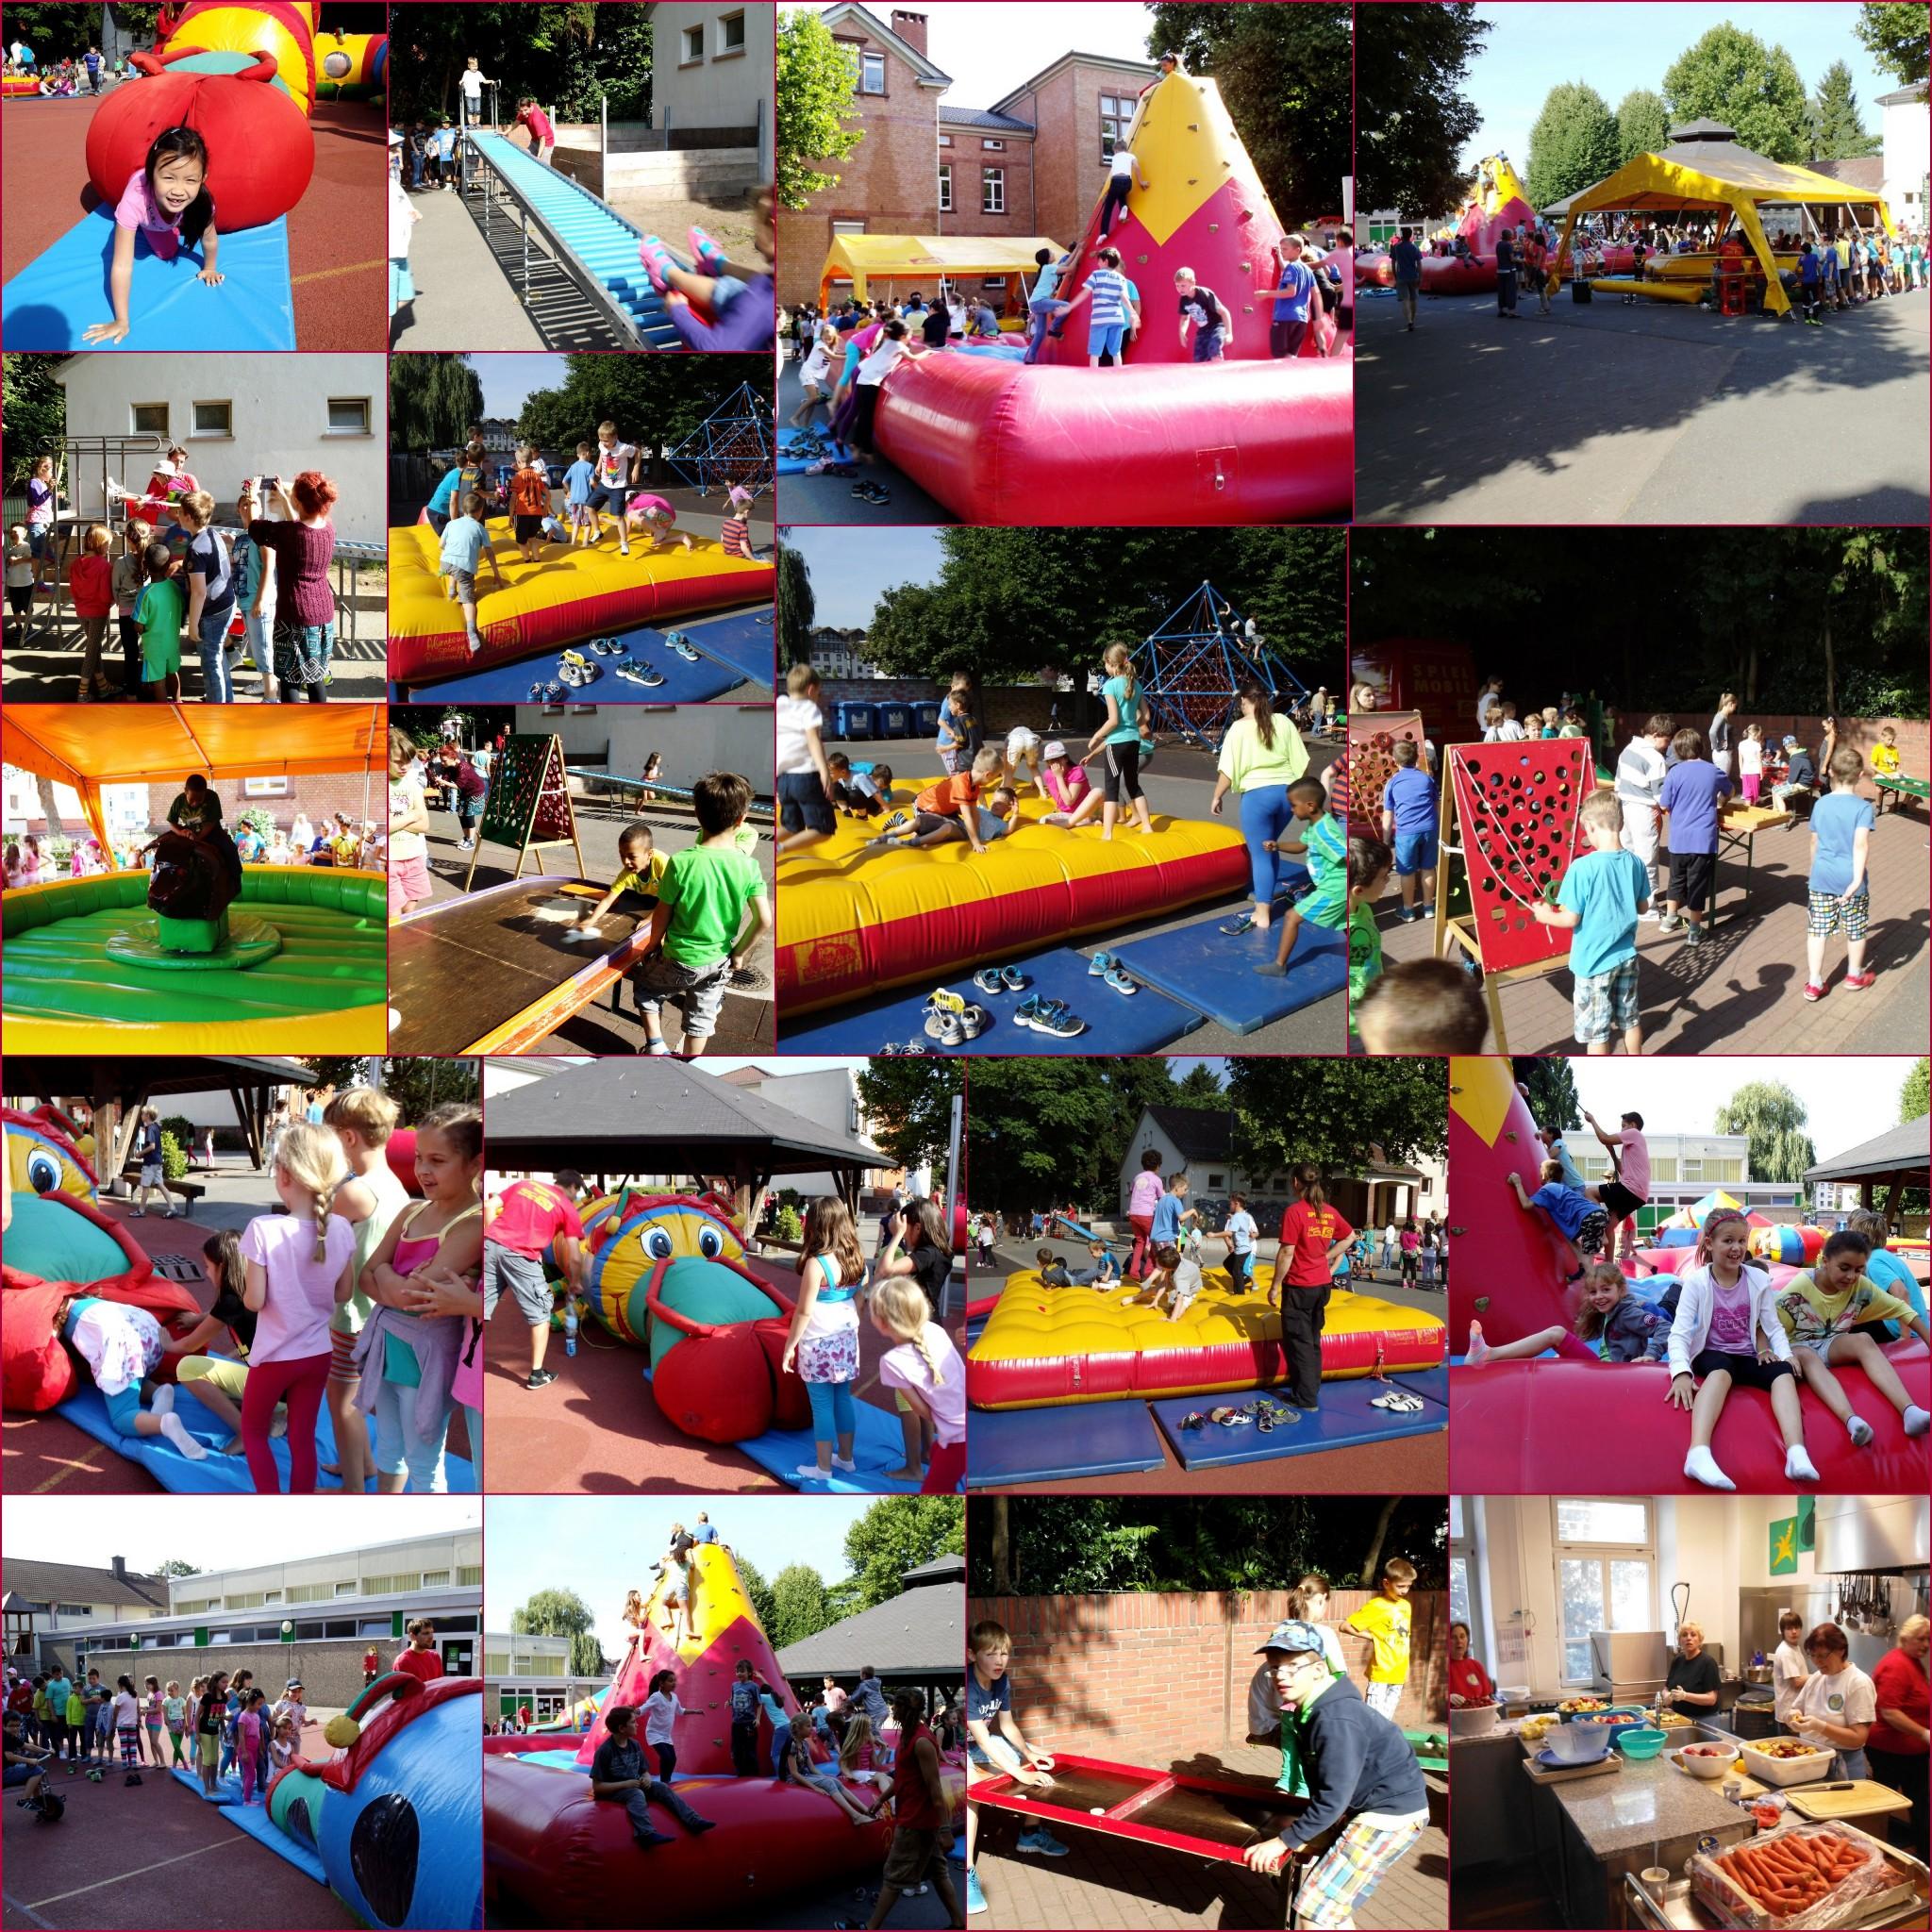 2014-07-03_Spielfest_Foerderverein_Coll01-kl.jpg